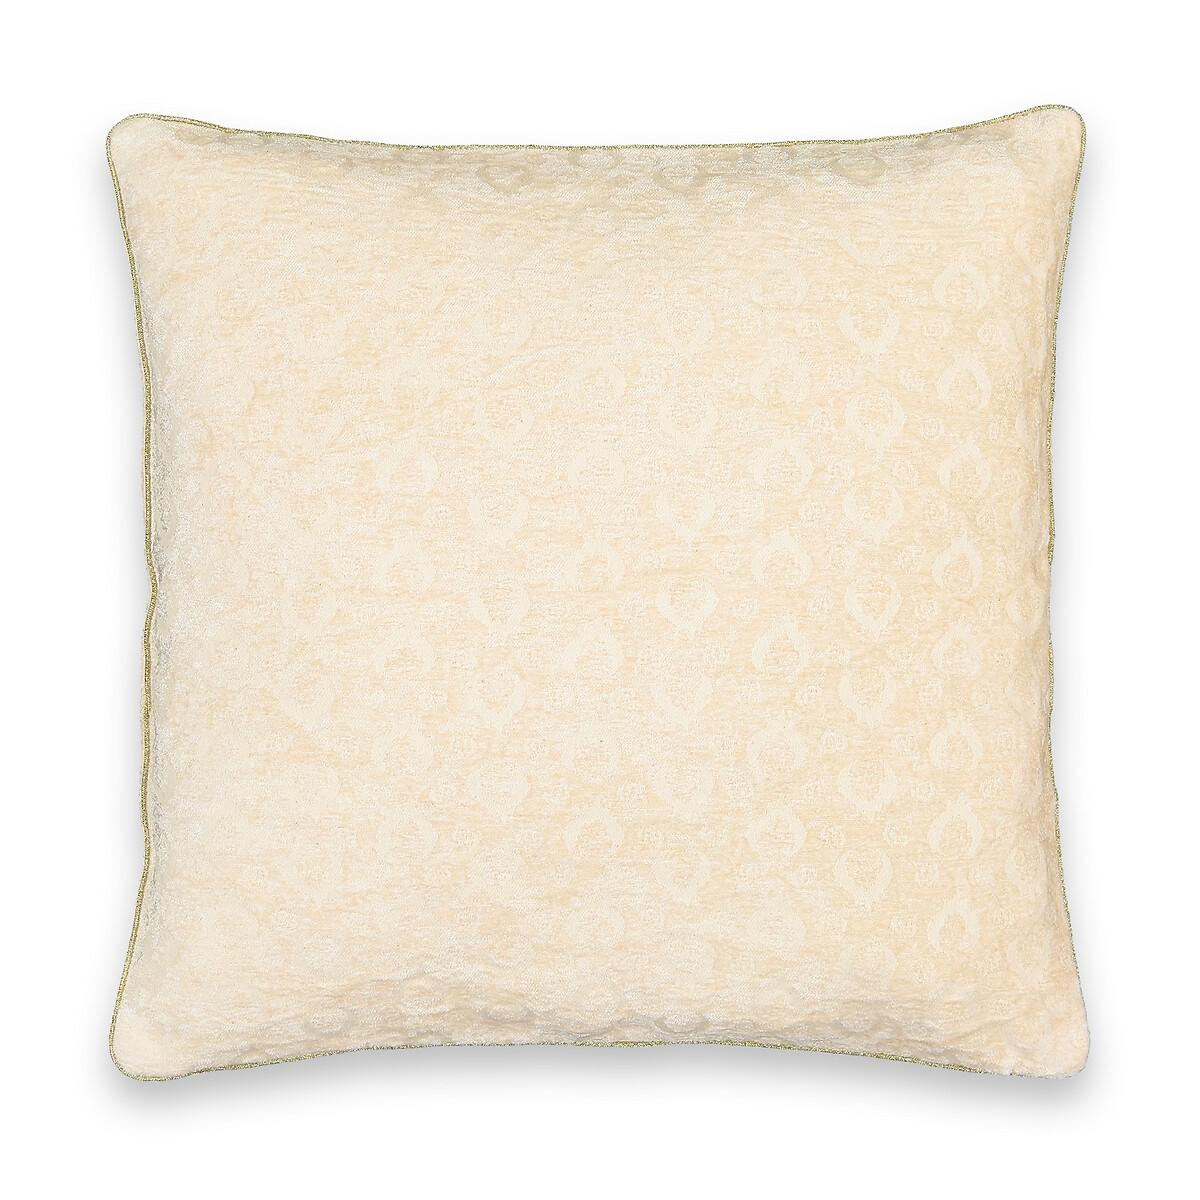 Фото - Чехол LaRedoute На подушку Nour 45 x 45 см бежевый чехол laredoute на подушку валик с отделкой бисером volodia 45 x 45 см зеленый